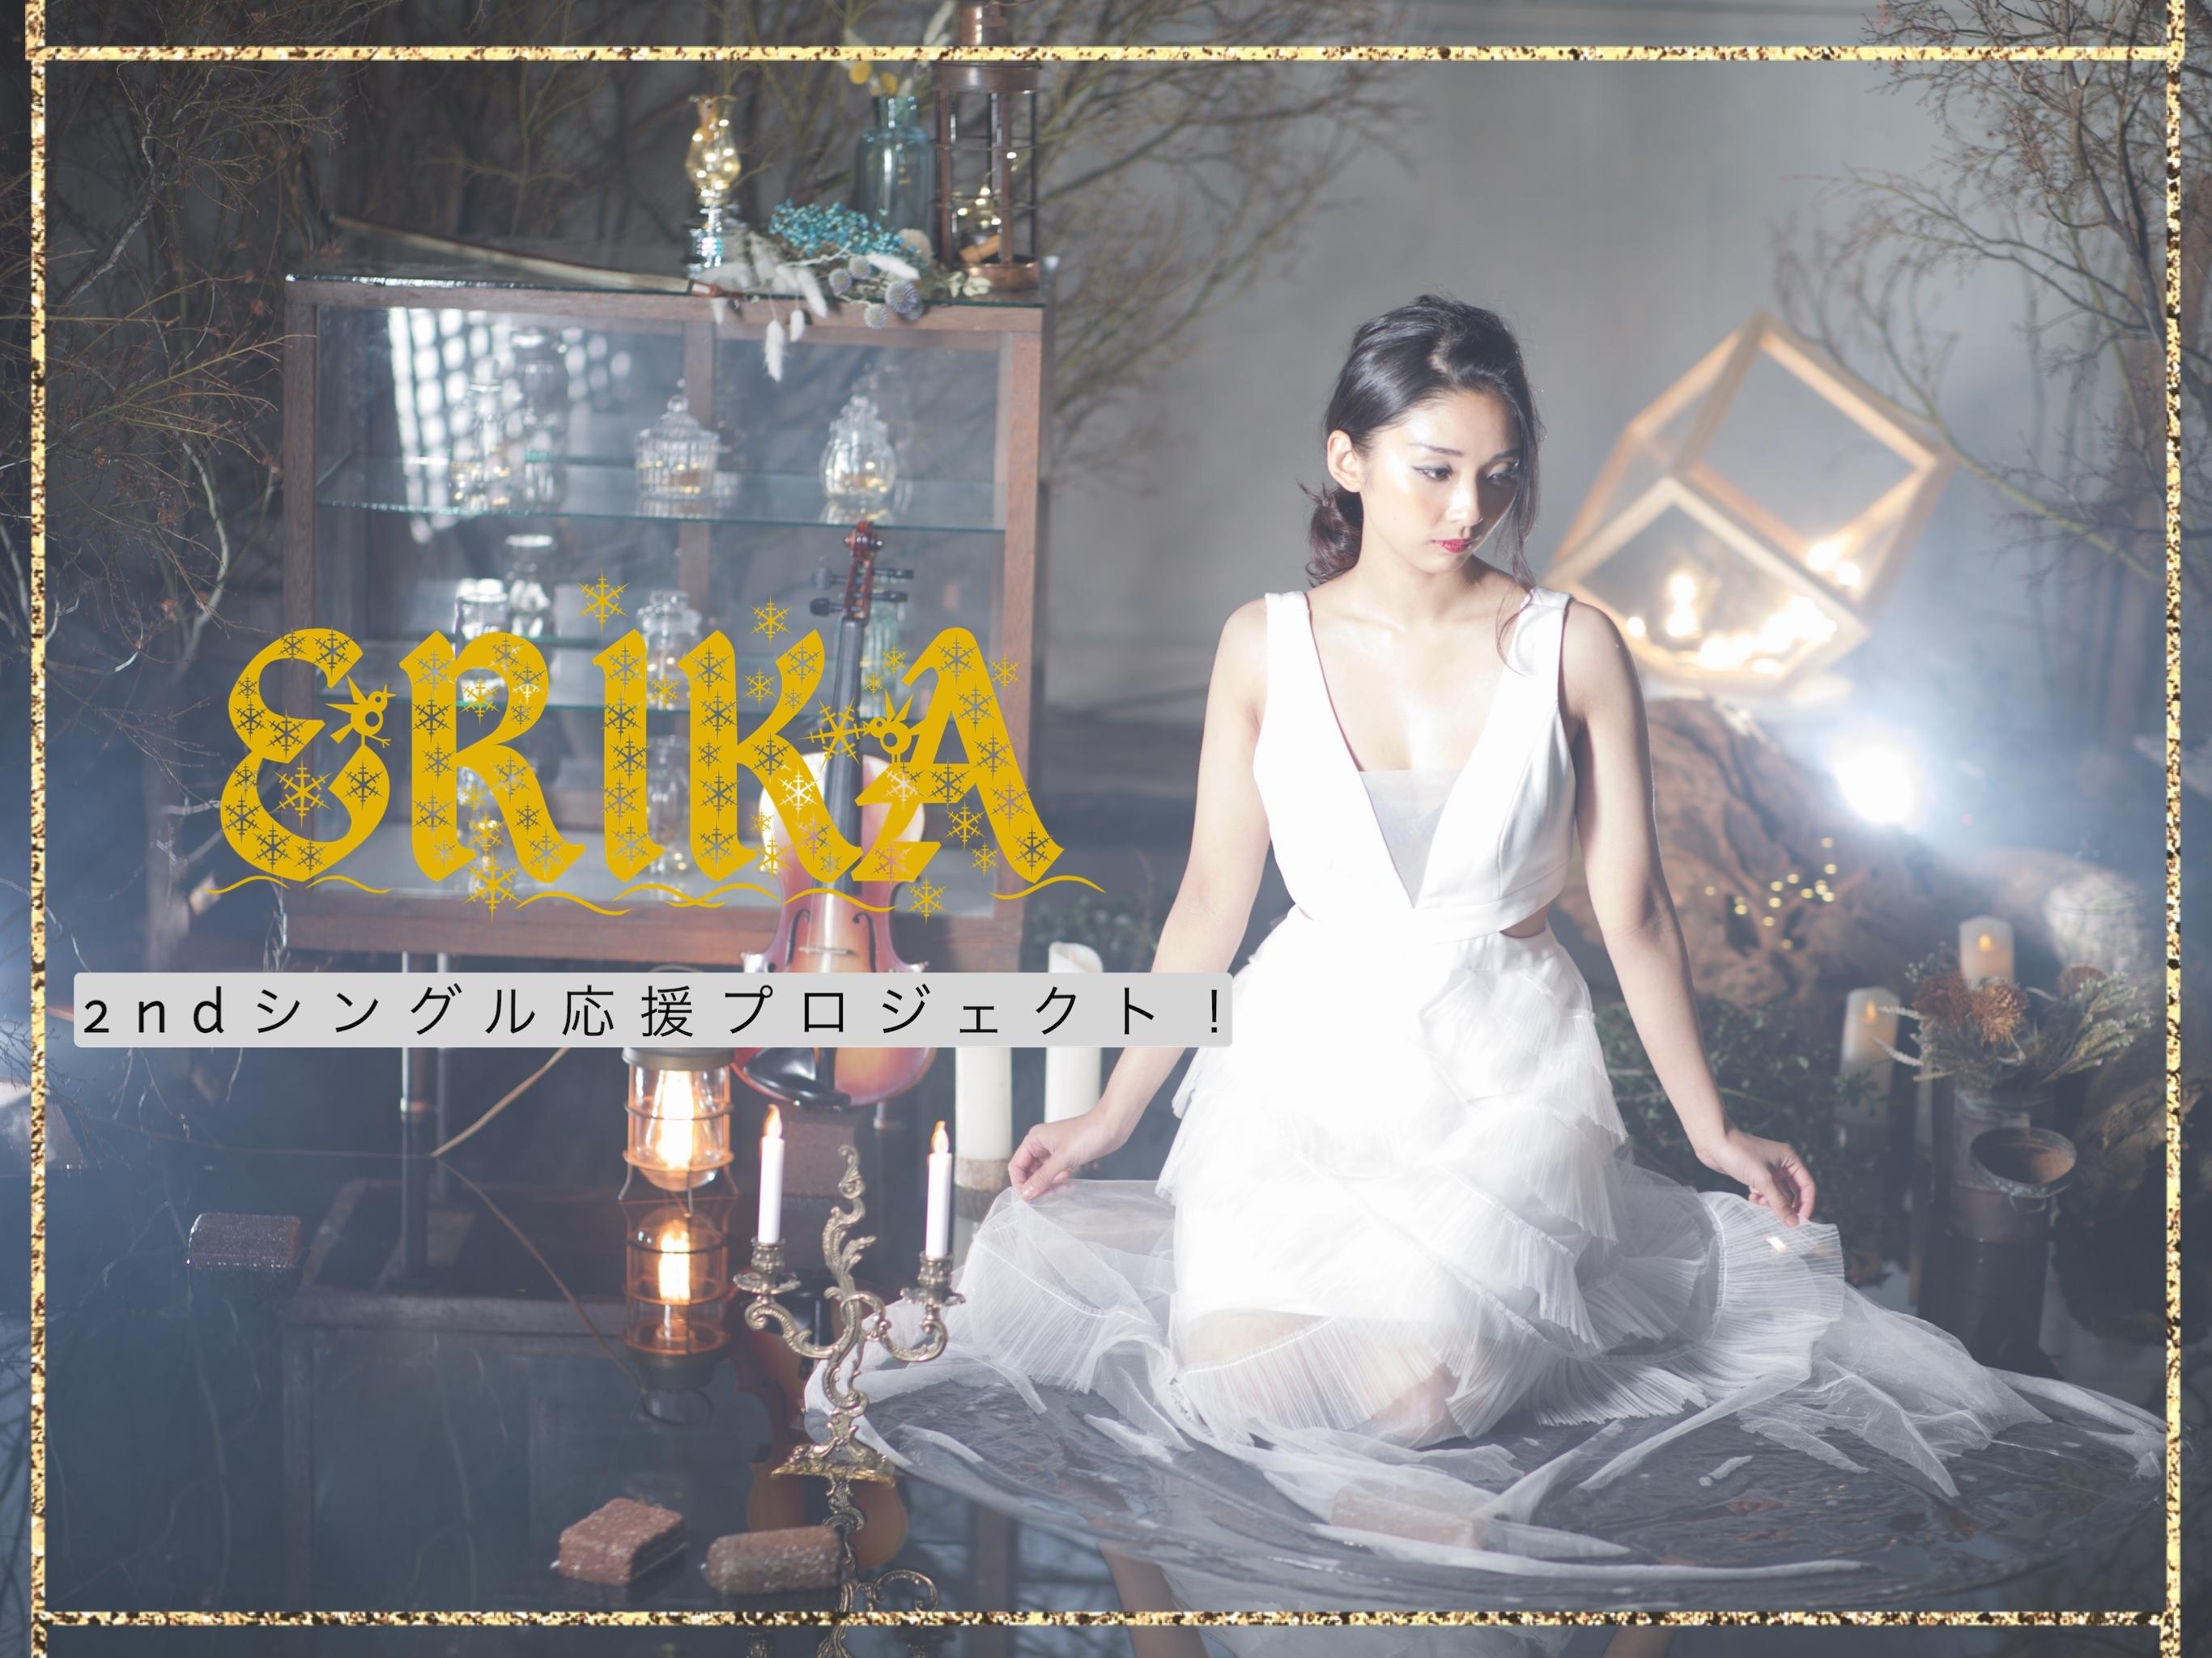 【ERIKA】〜2ndシングル制作応援プロジェクト〜